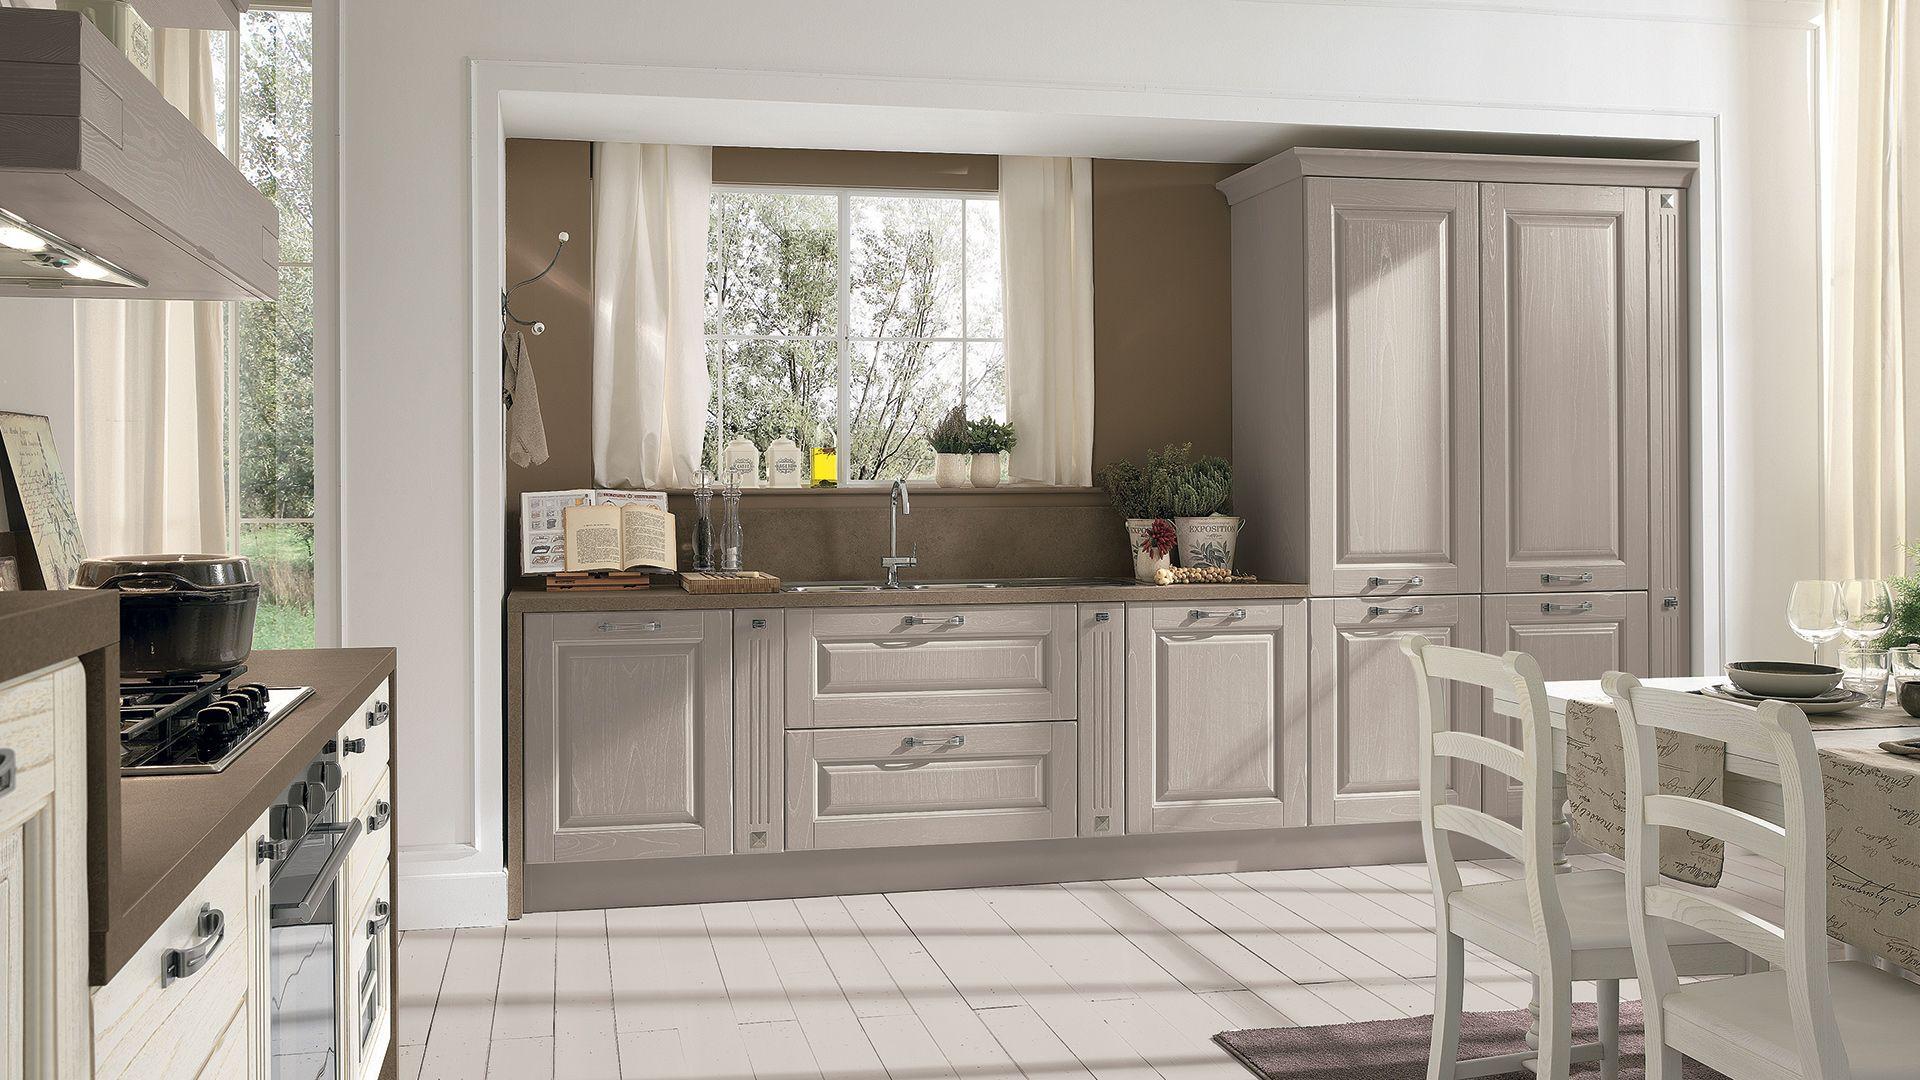 Laura - Cucine Classiche - Cucine Lube nel 2019 | Cucine ...